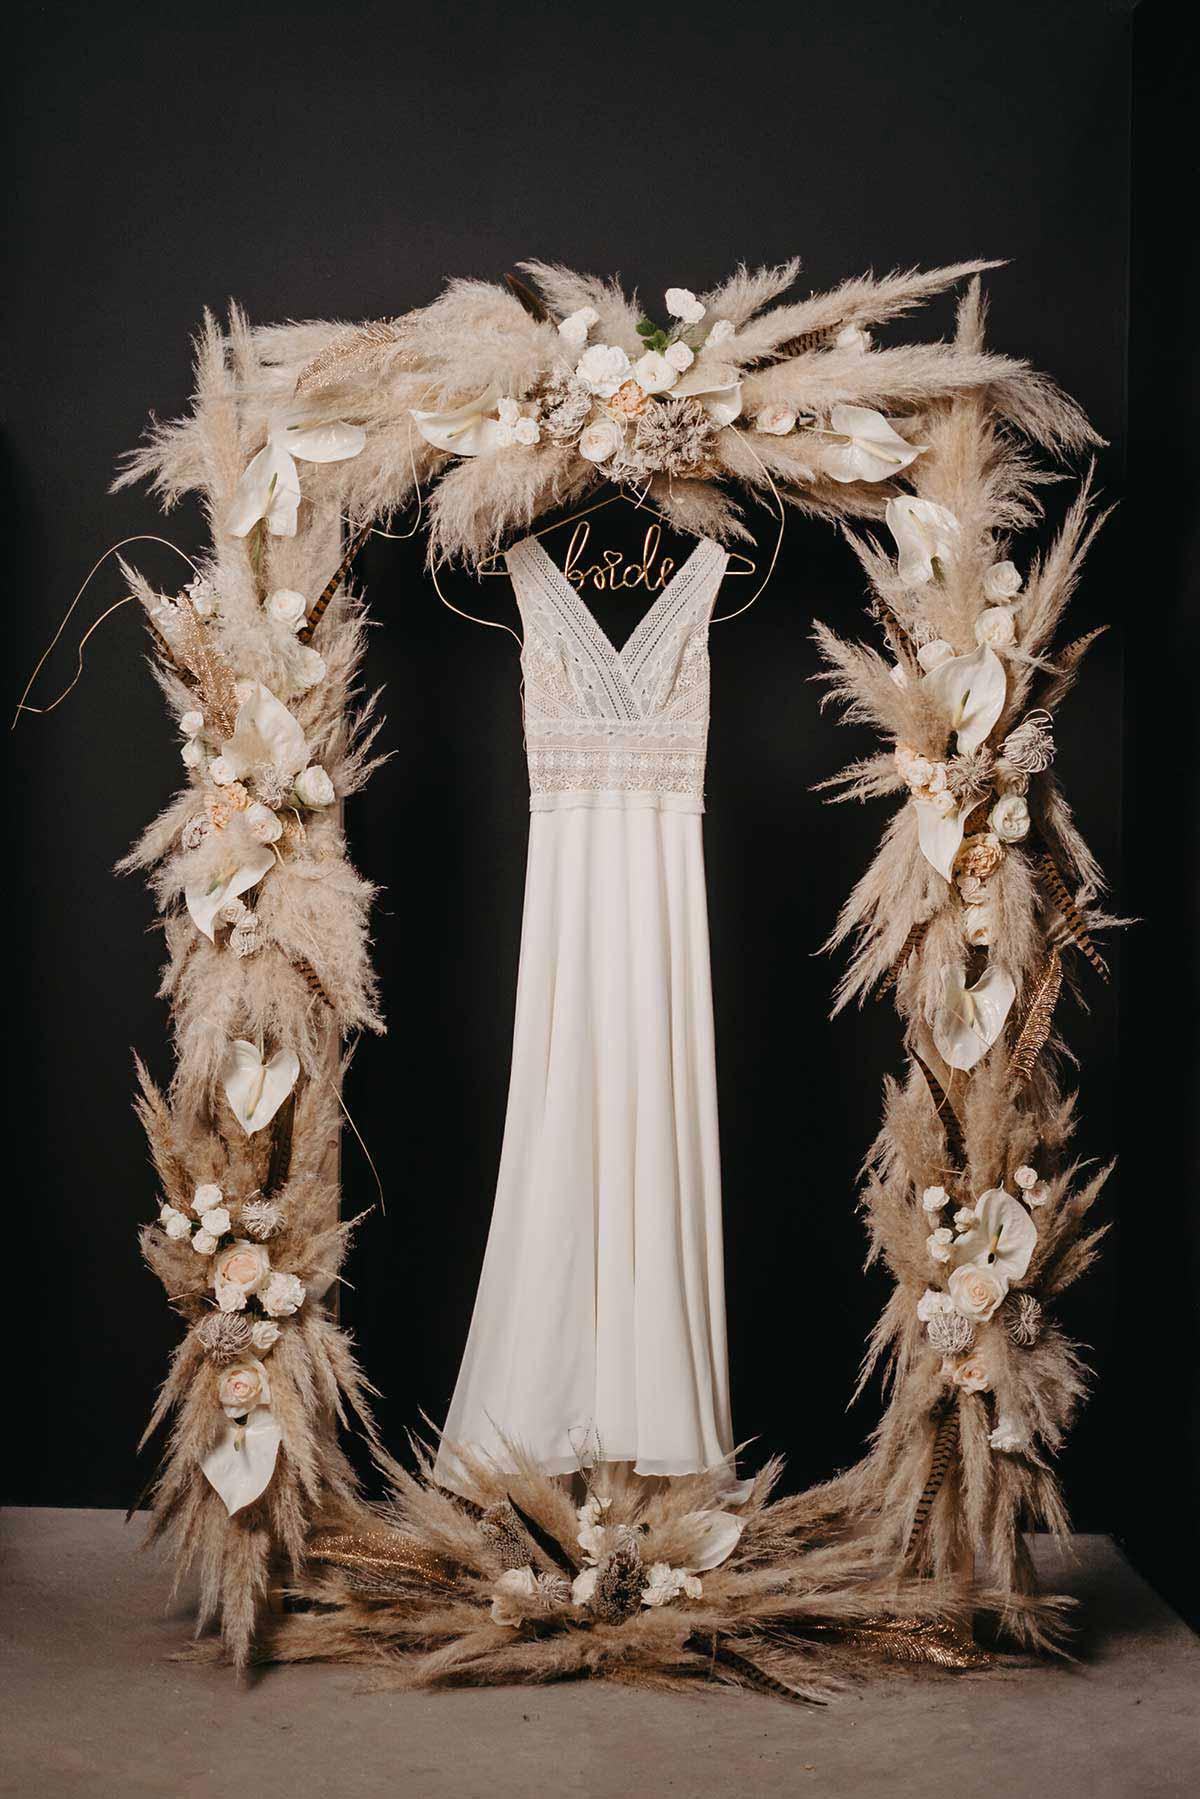 Brautkleid mit Bride Kleiderbügel im Rahmen aus Trockenblumen